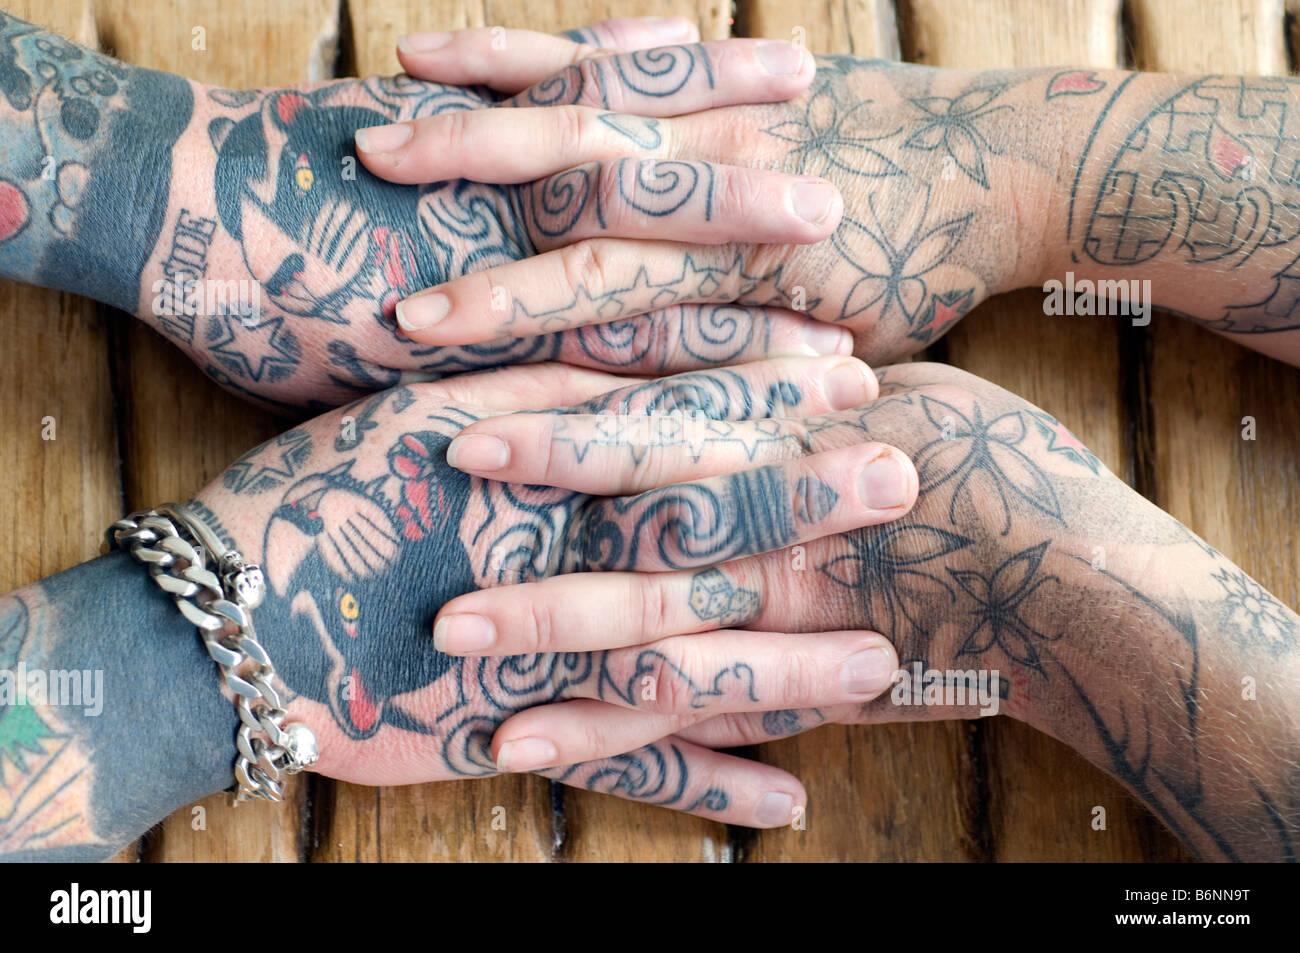 Las manos entrelazadas de una pareja casada que ambos tienen amplia tatuajes Imagen De Stock